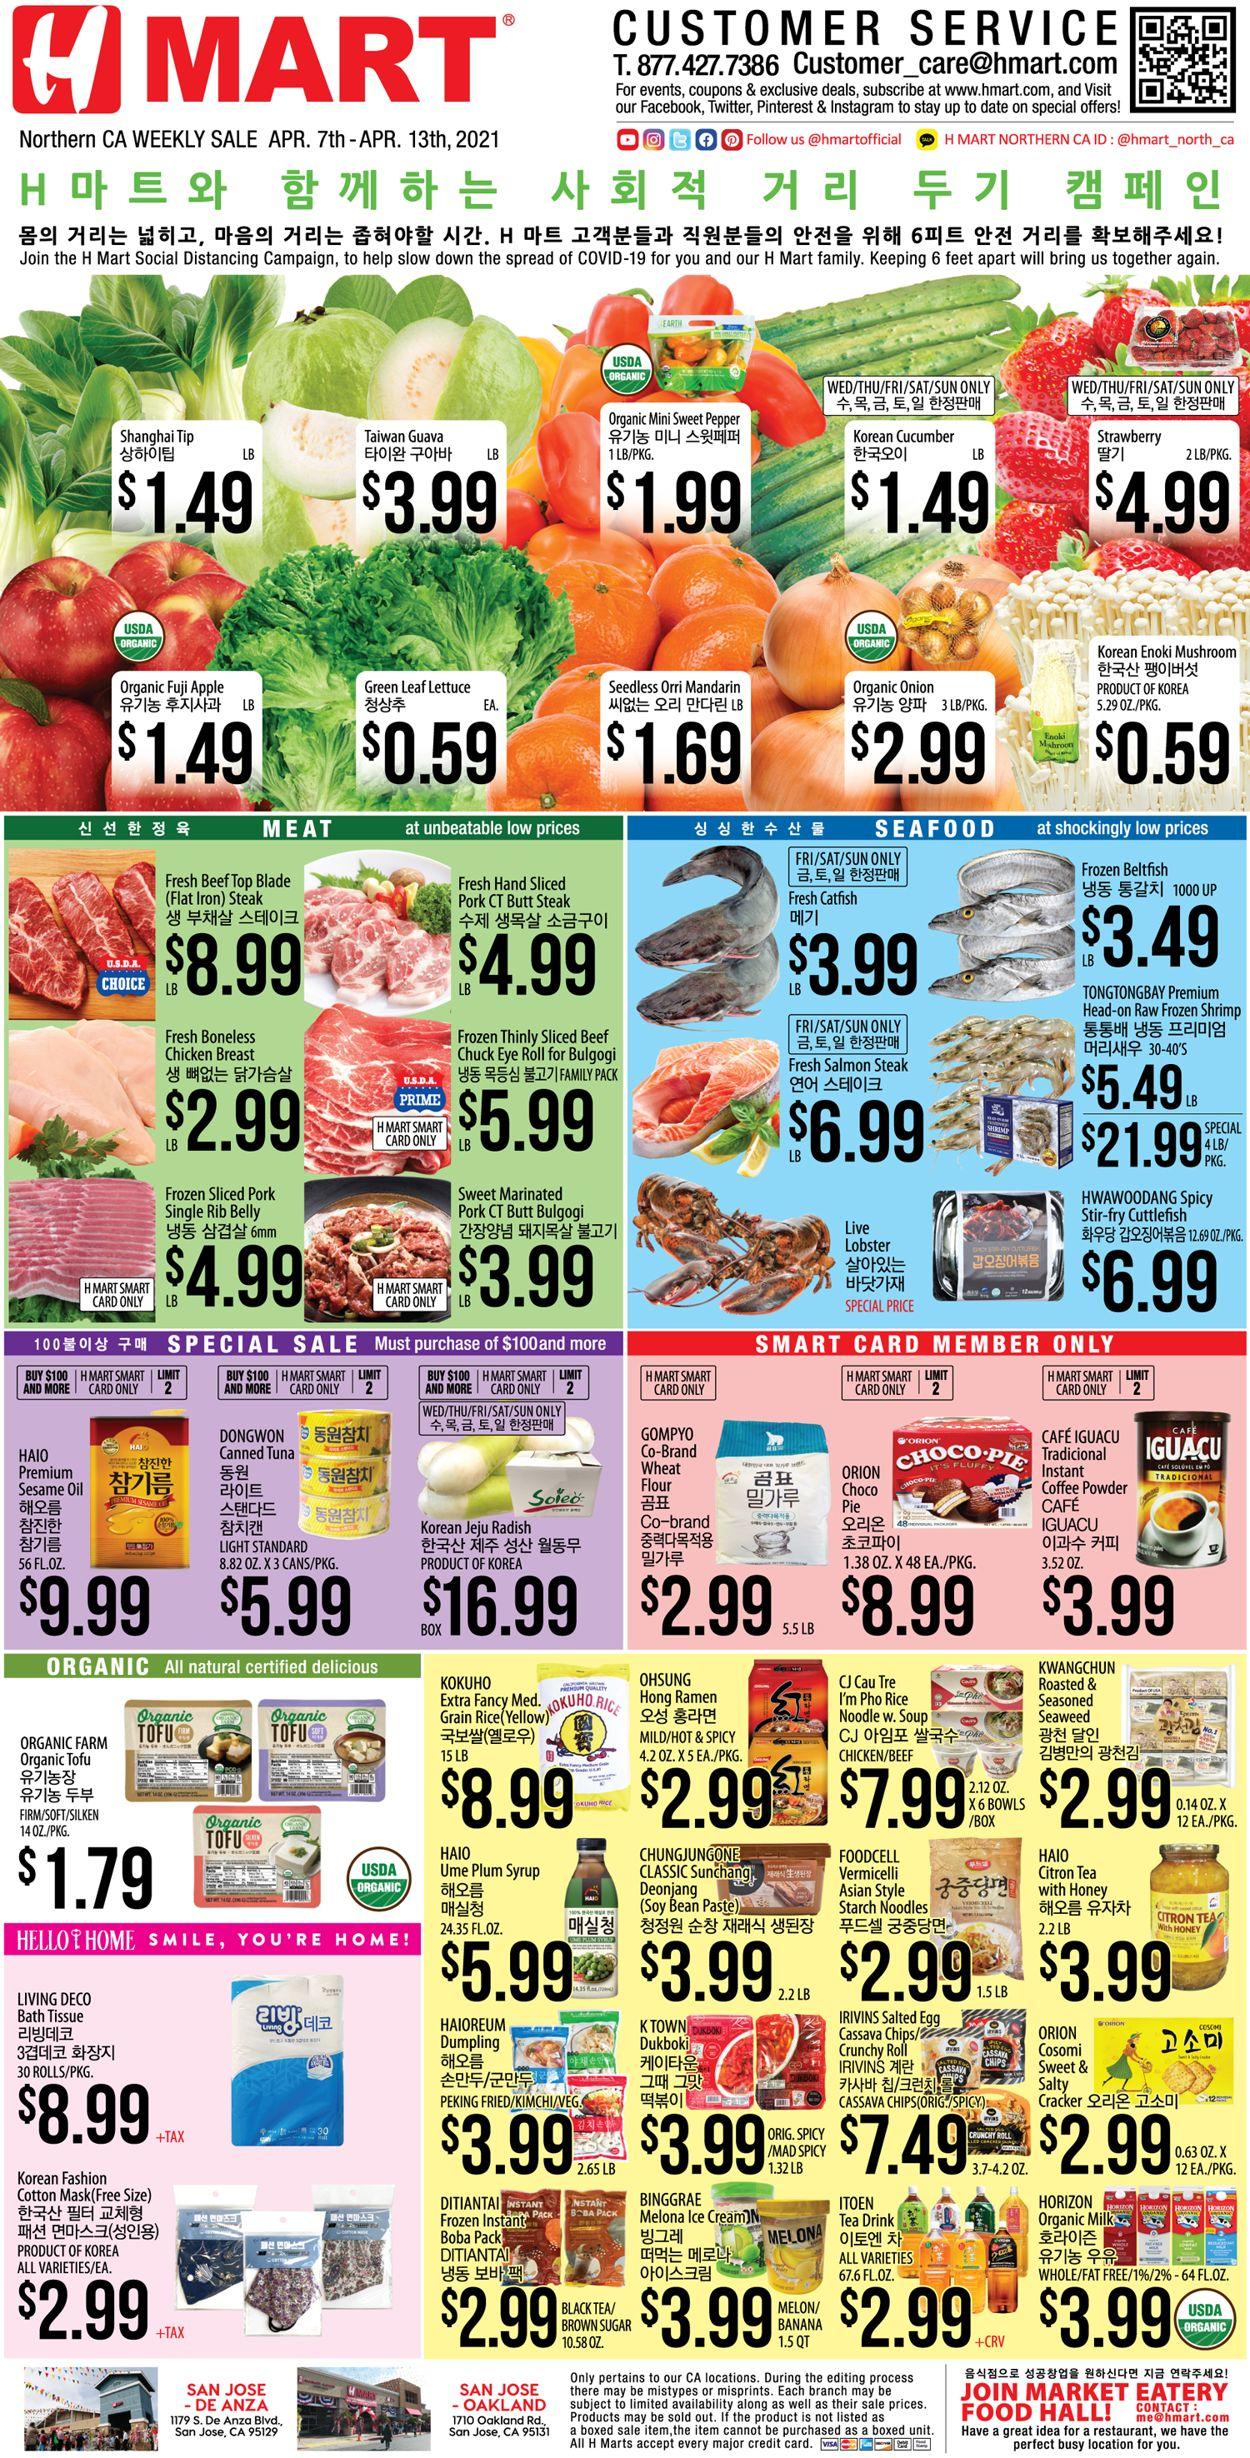 H Mart Weekly Ad Circular - valid 04/07-04/13/2021